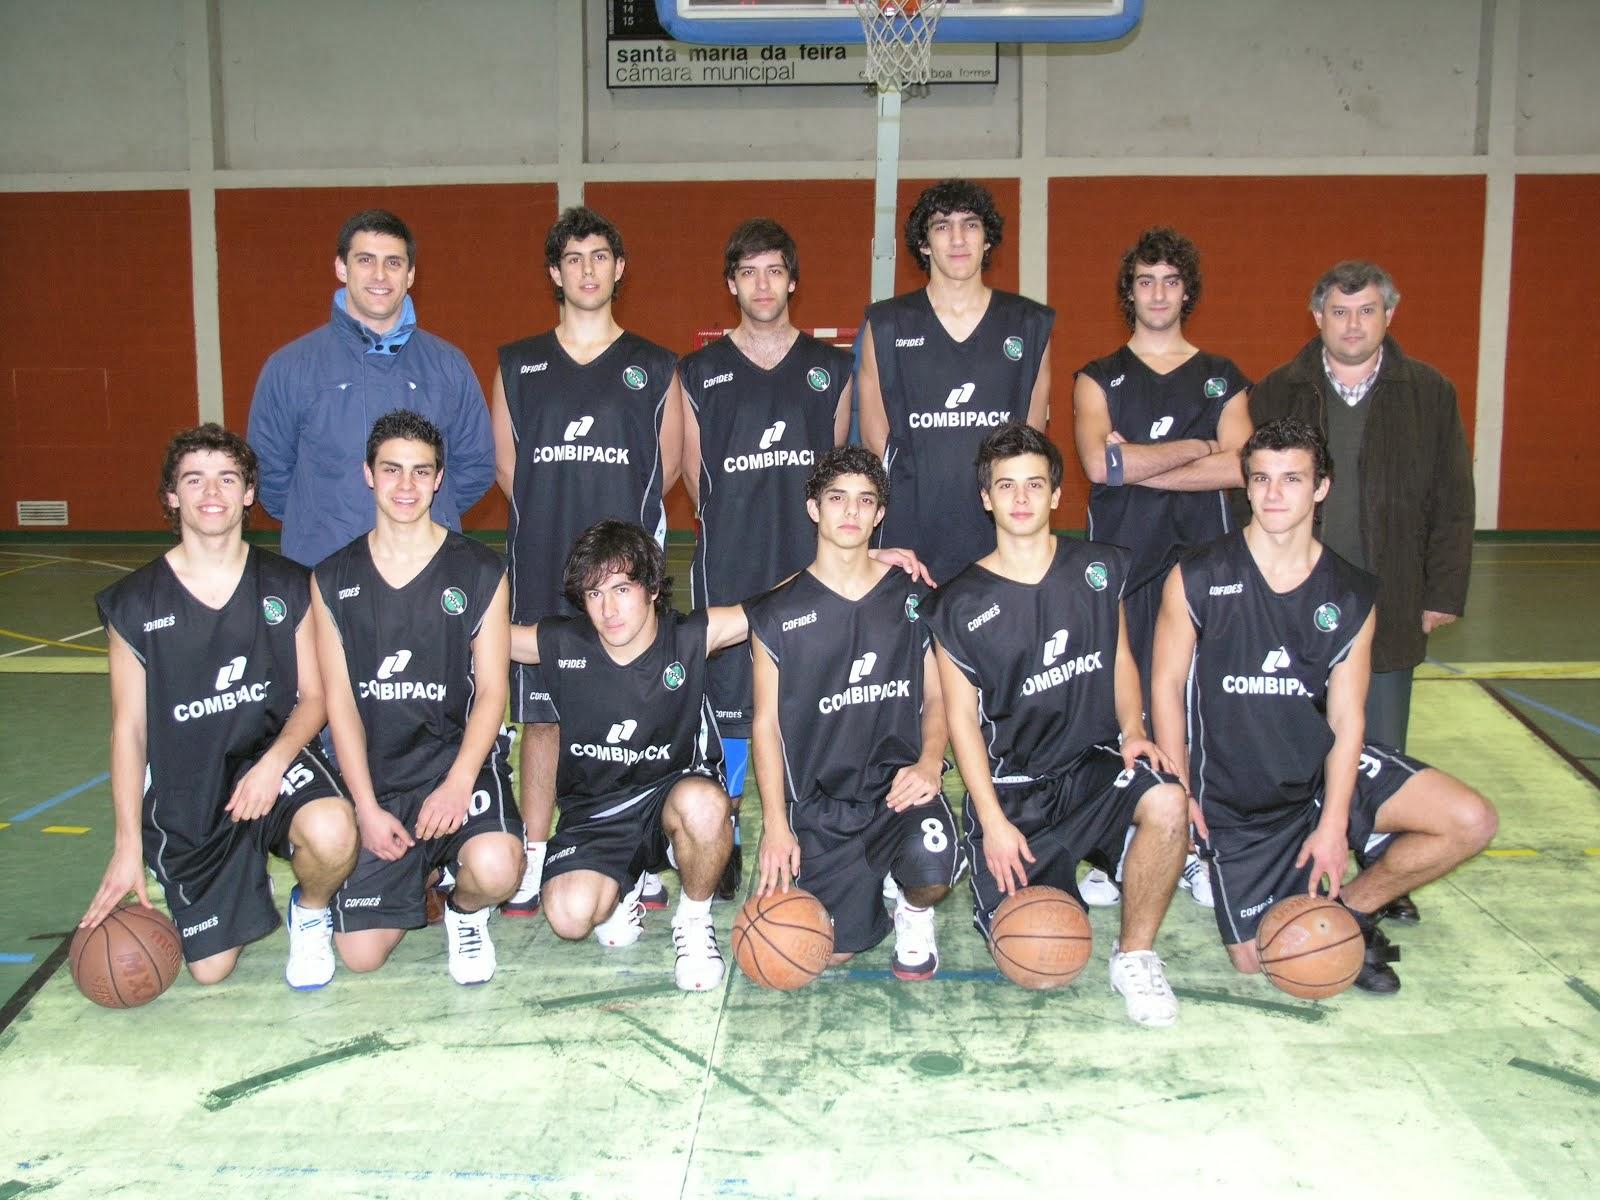 GRIB: Sub-18 Masc. 2005/06